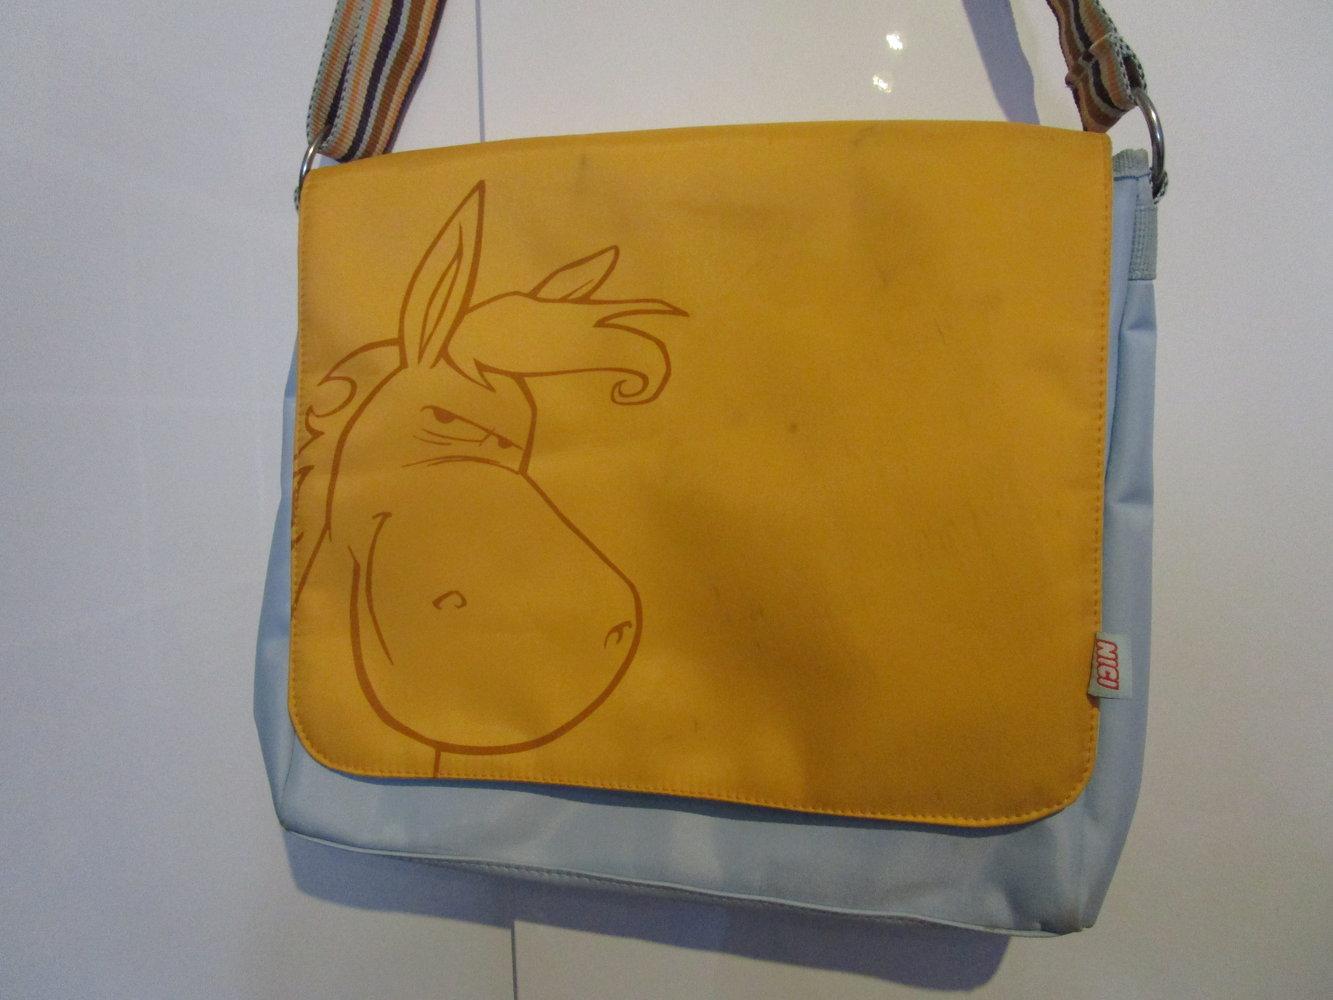 Gelbeutel Umhängetasche Geldbörse Set Tasche Nici Pferd Laptoptasche 0kwP8nOX